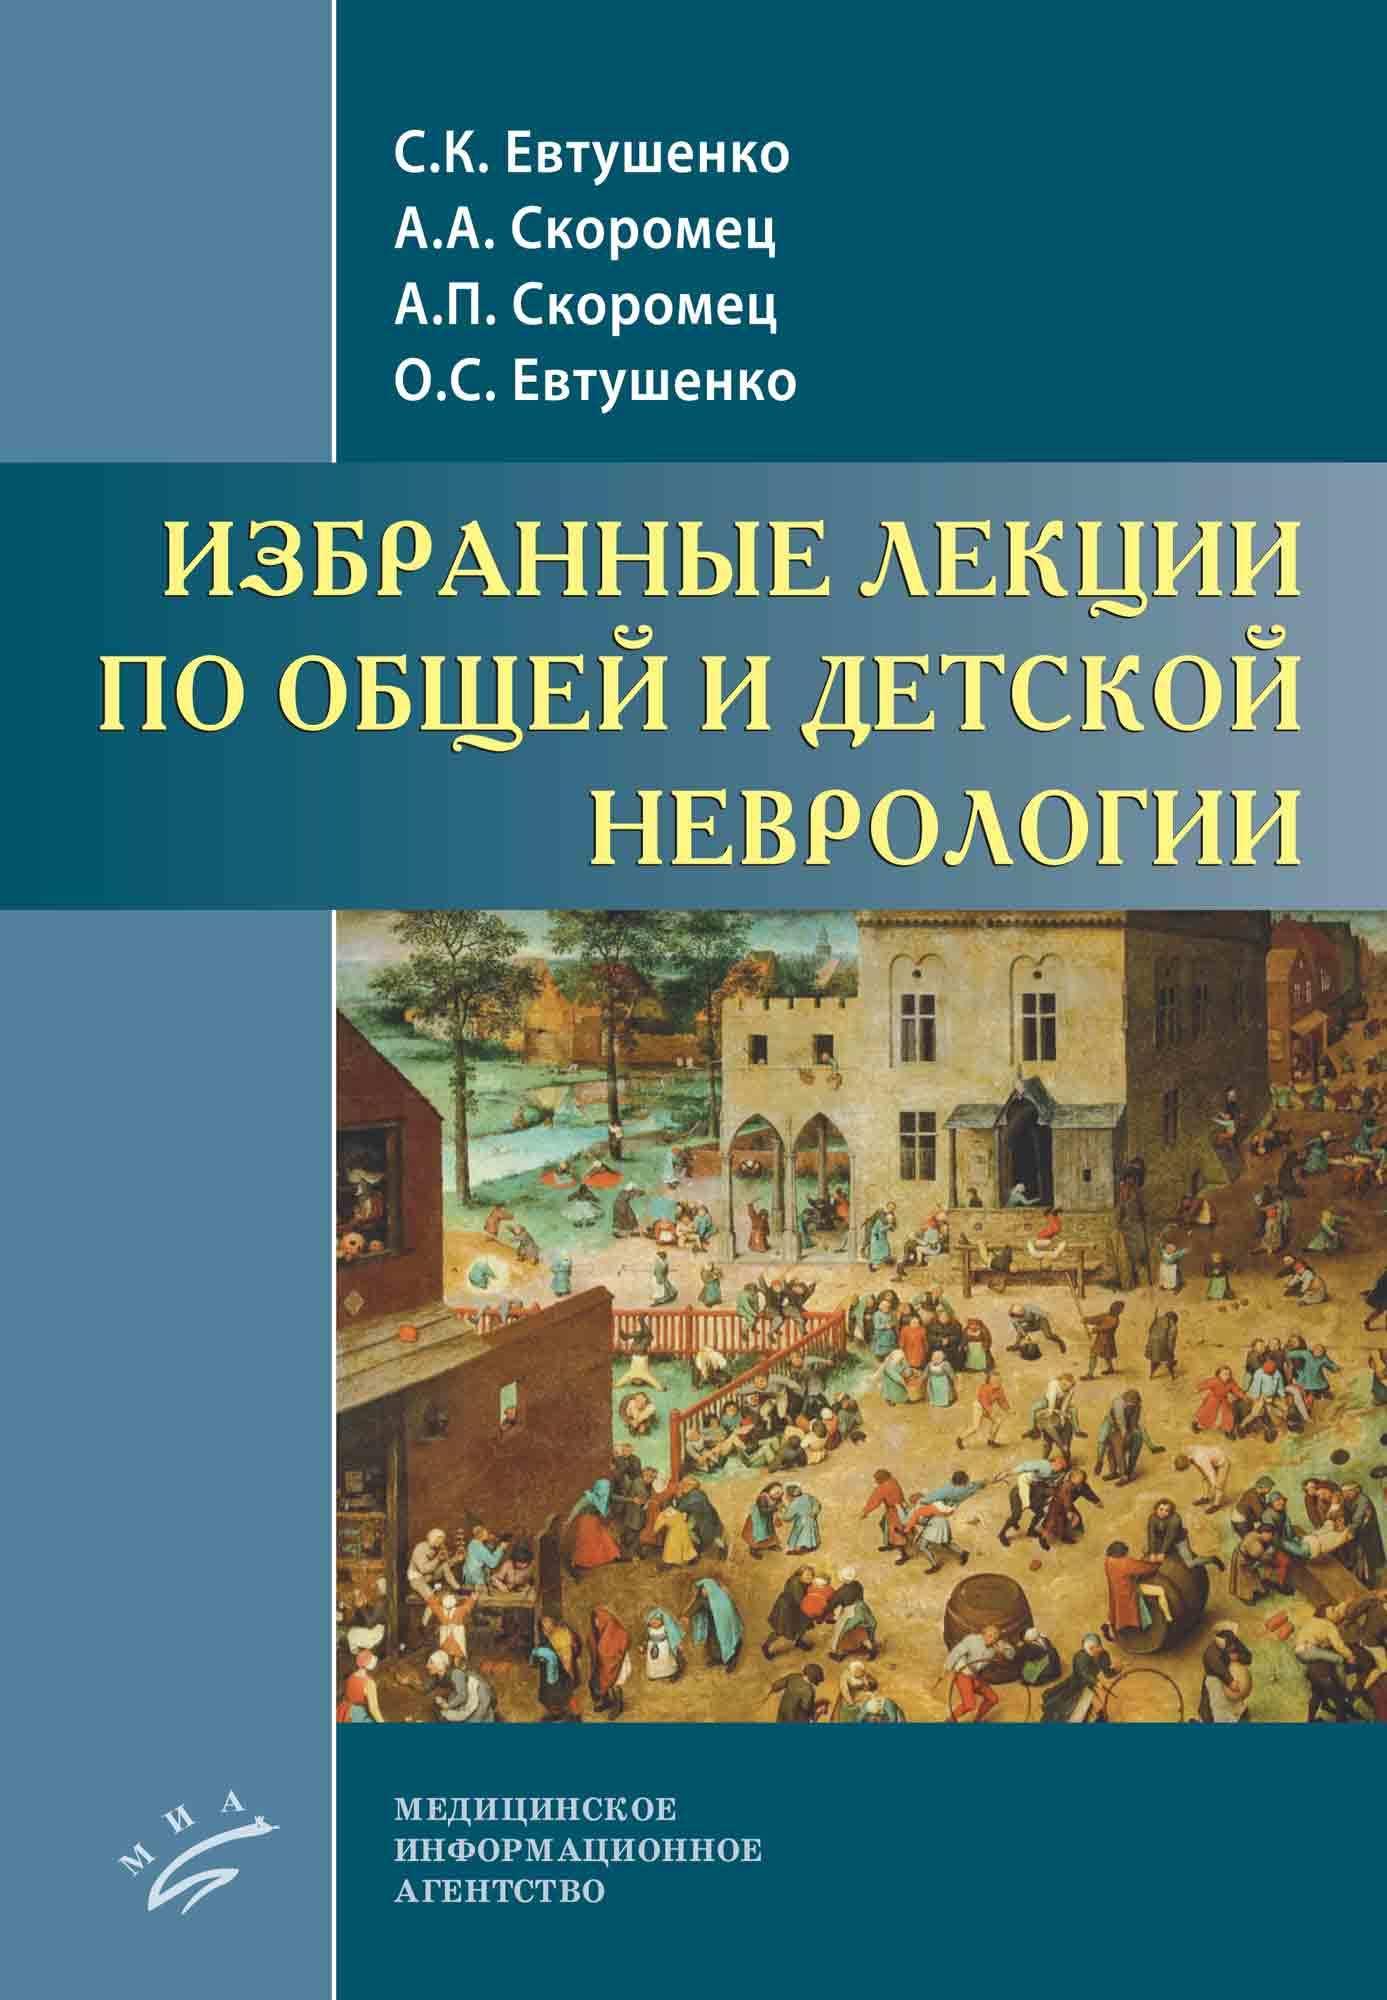 Книги студентам медикам Избранные лекции по общей и детской неврологии izb_lekcii_po_obsh_det_nevrol.jpg